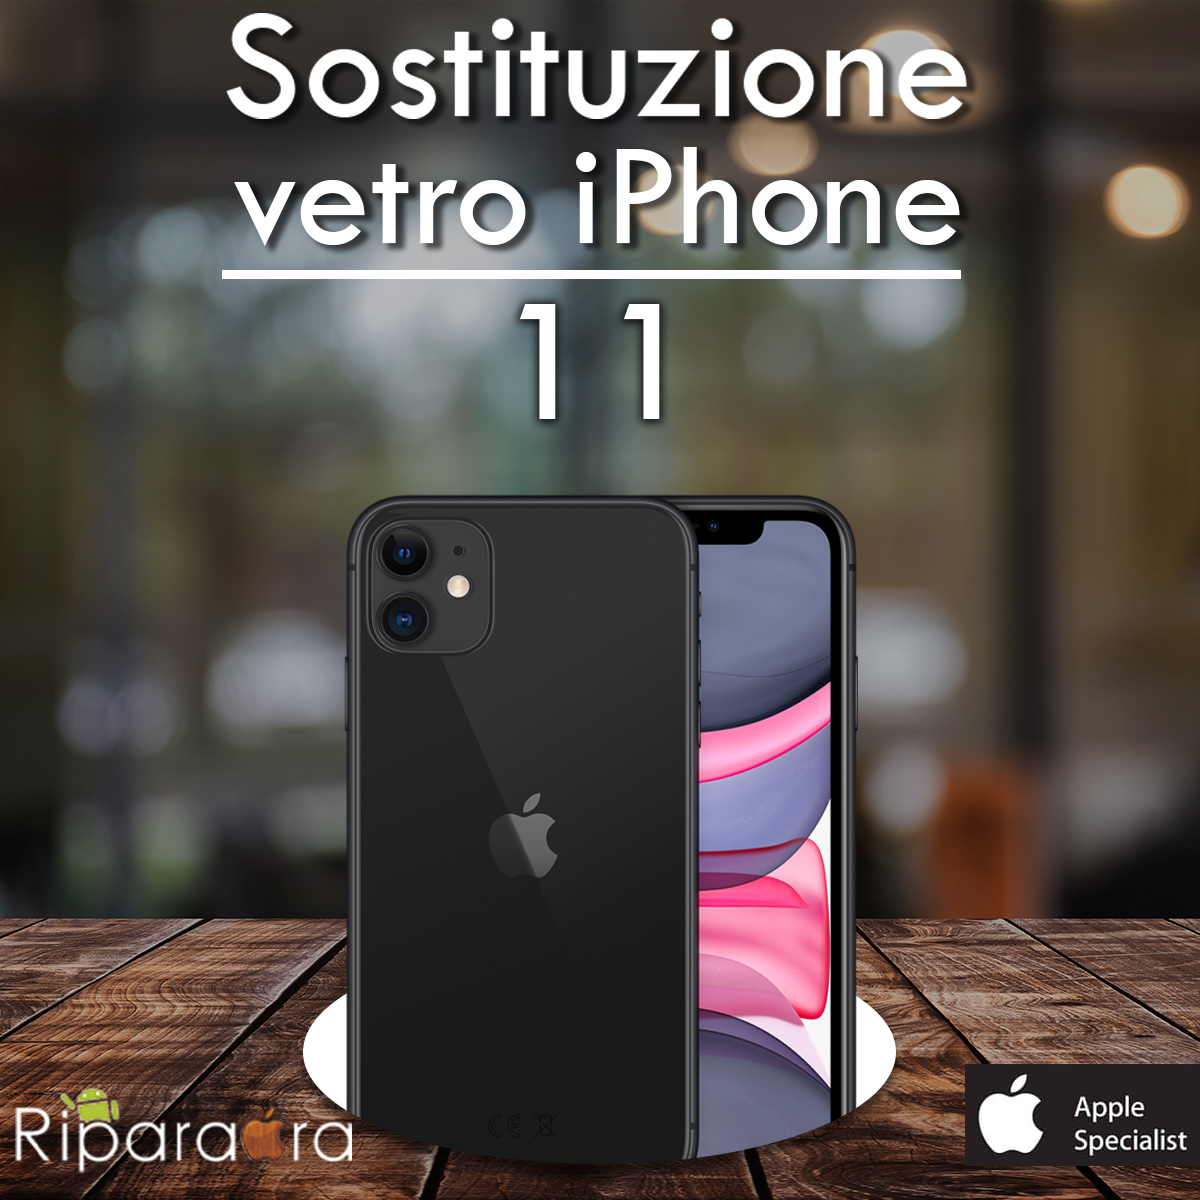 Iphone 11 Riparazione Sostituzione Vetro Riparaora